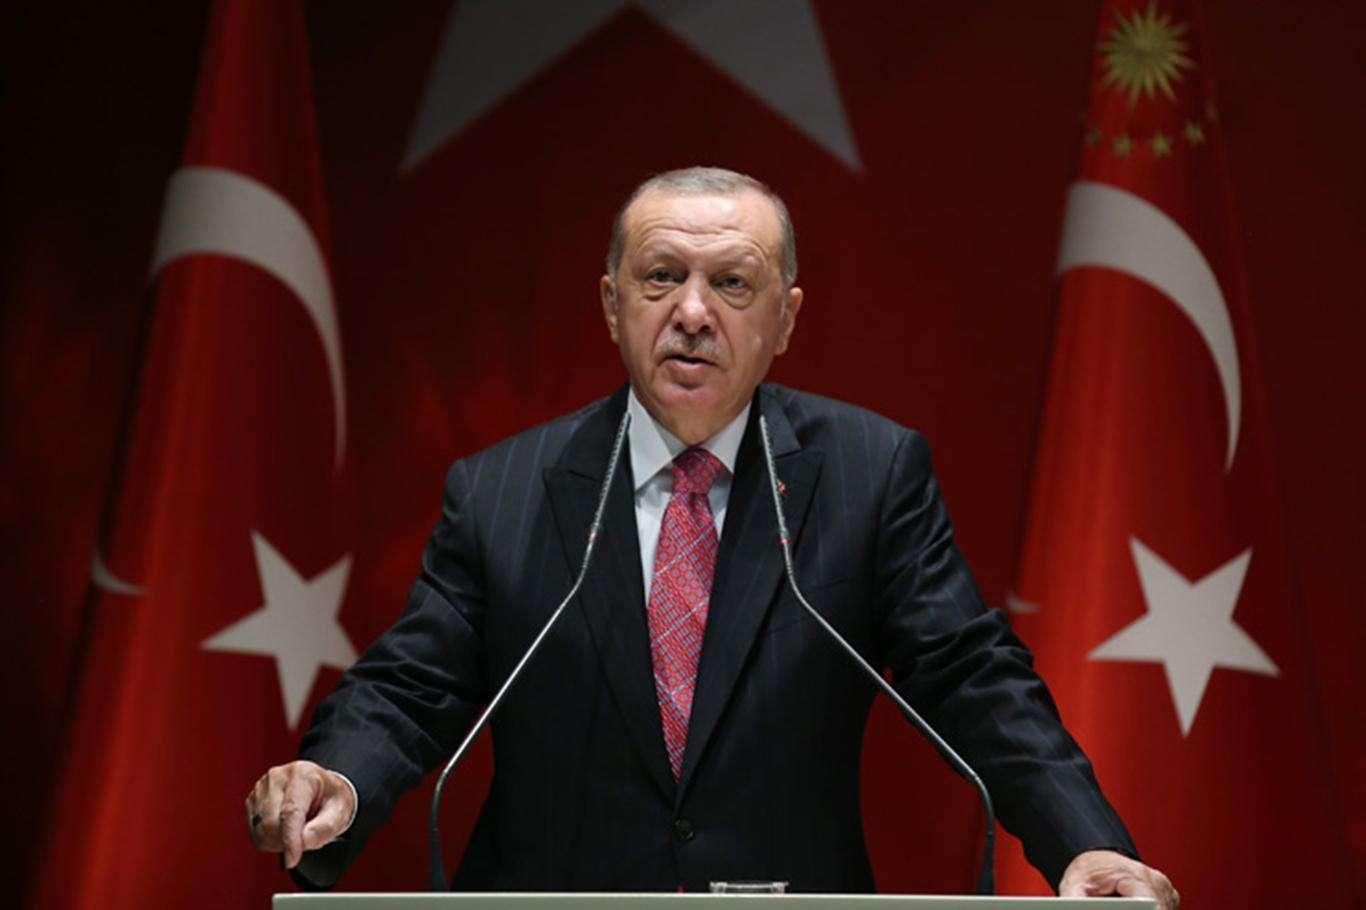 Başkan Erdoğan Okulların Açılacağı Tarihi Açıkladı! Okullar Ne Zaman Açılacak